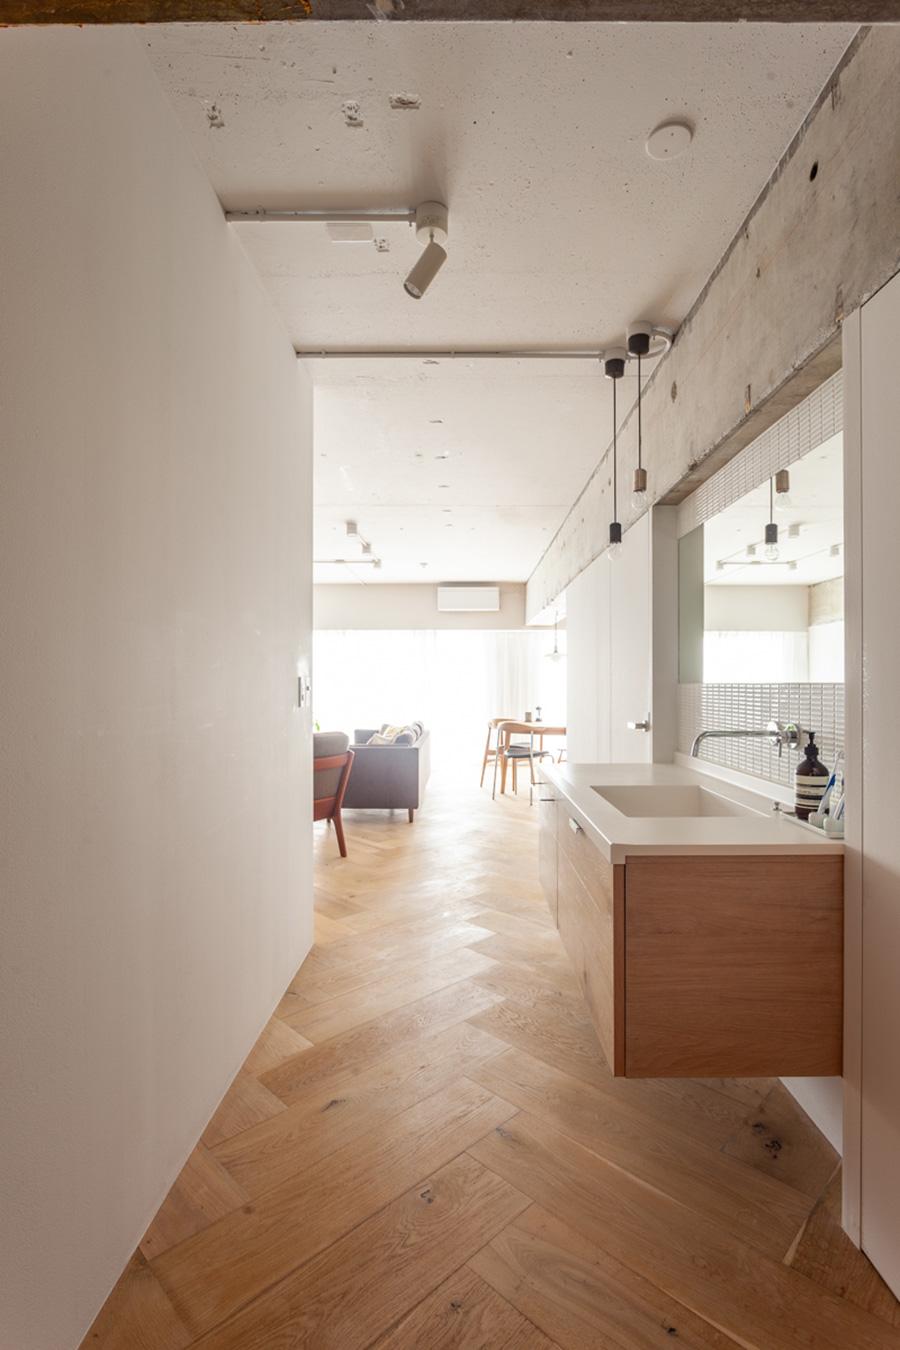 リビング手前の廊下に洗面台を。広めの廊下が開放感を感じさせる。